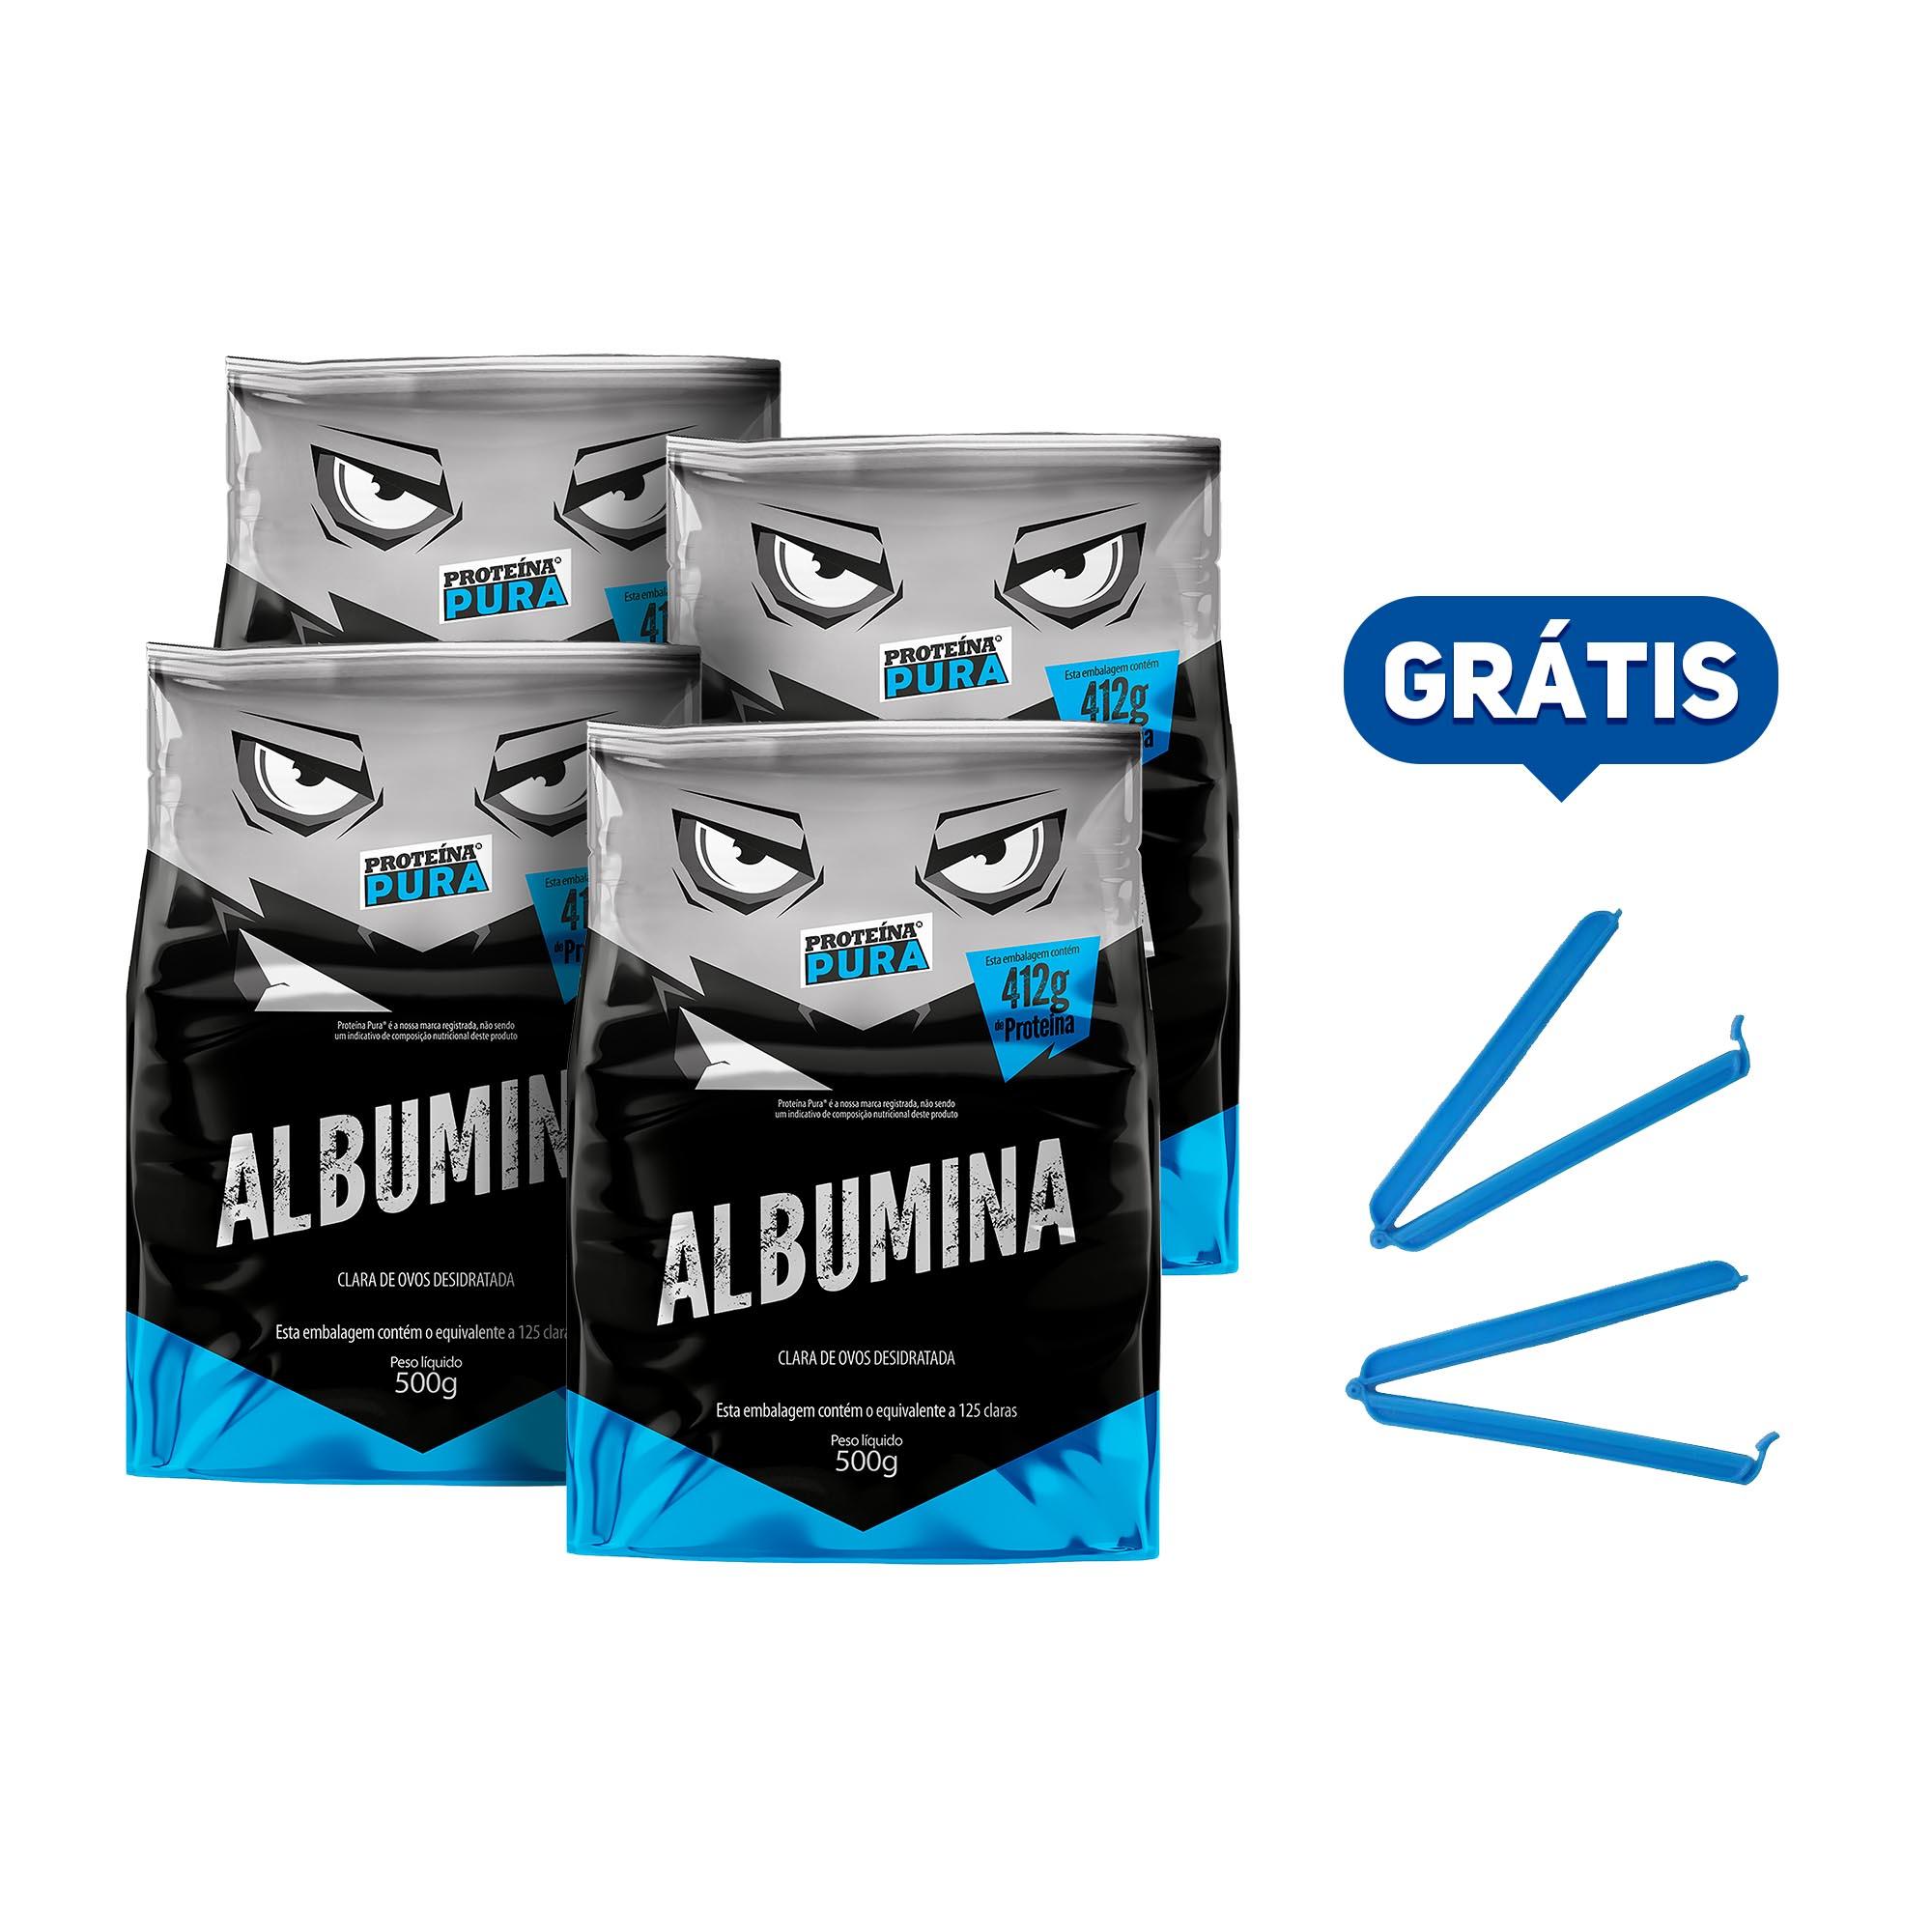 Kit Albumina Natural - (4 un x 500g) - Proteína Pura